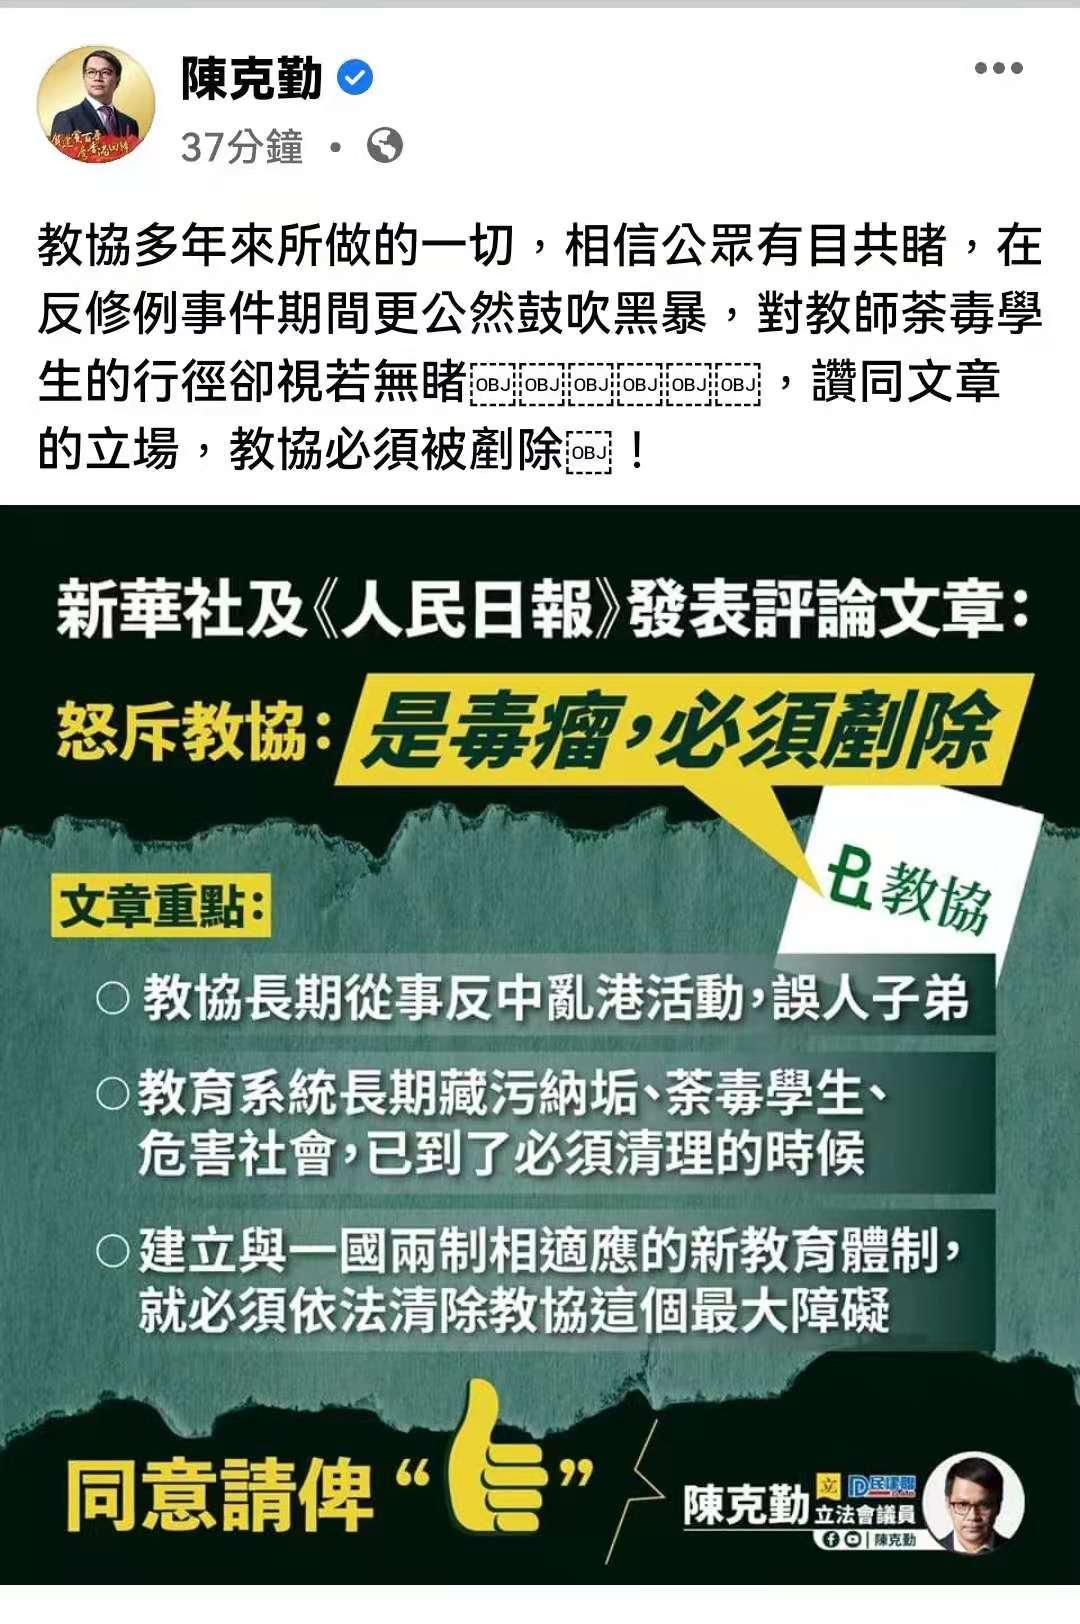 陳克勤:教協公然鼓吹黑暴 必須被剷除